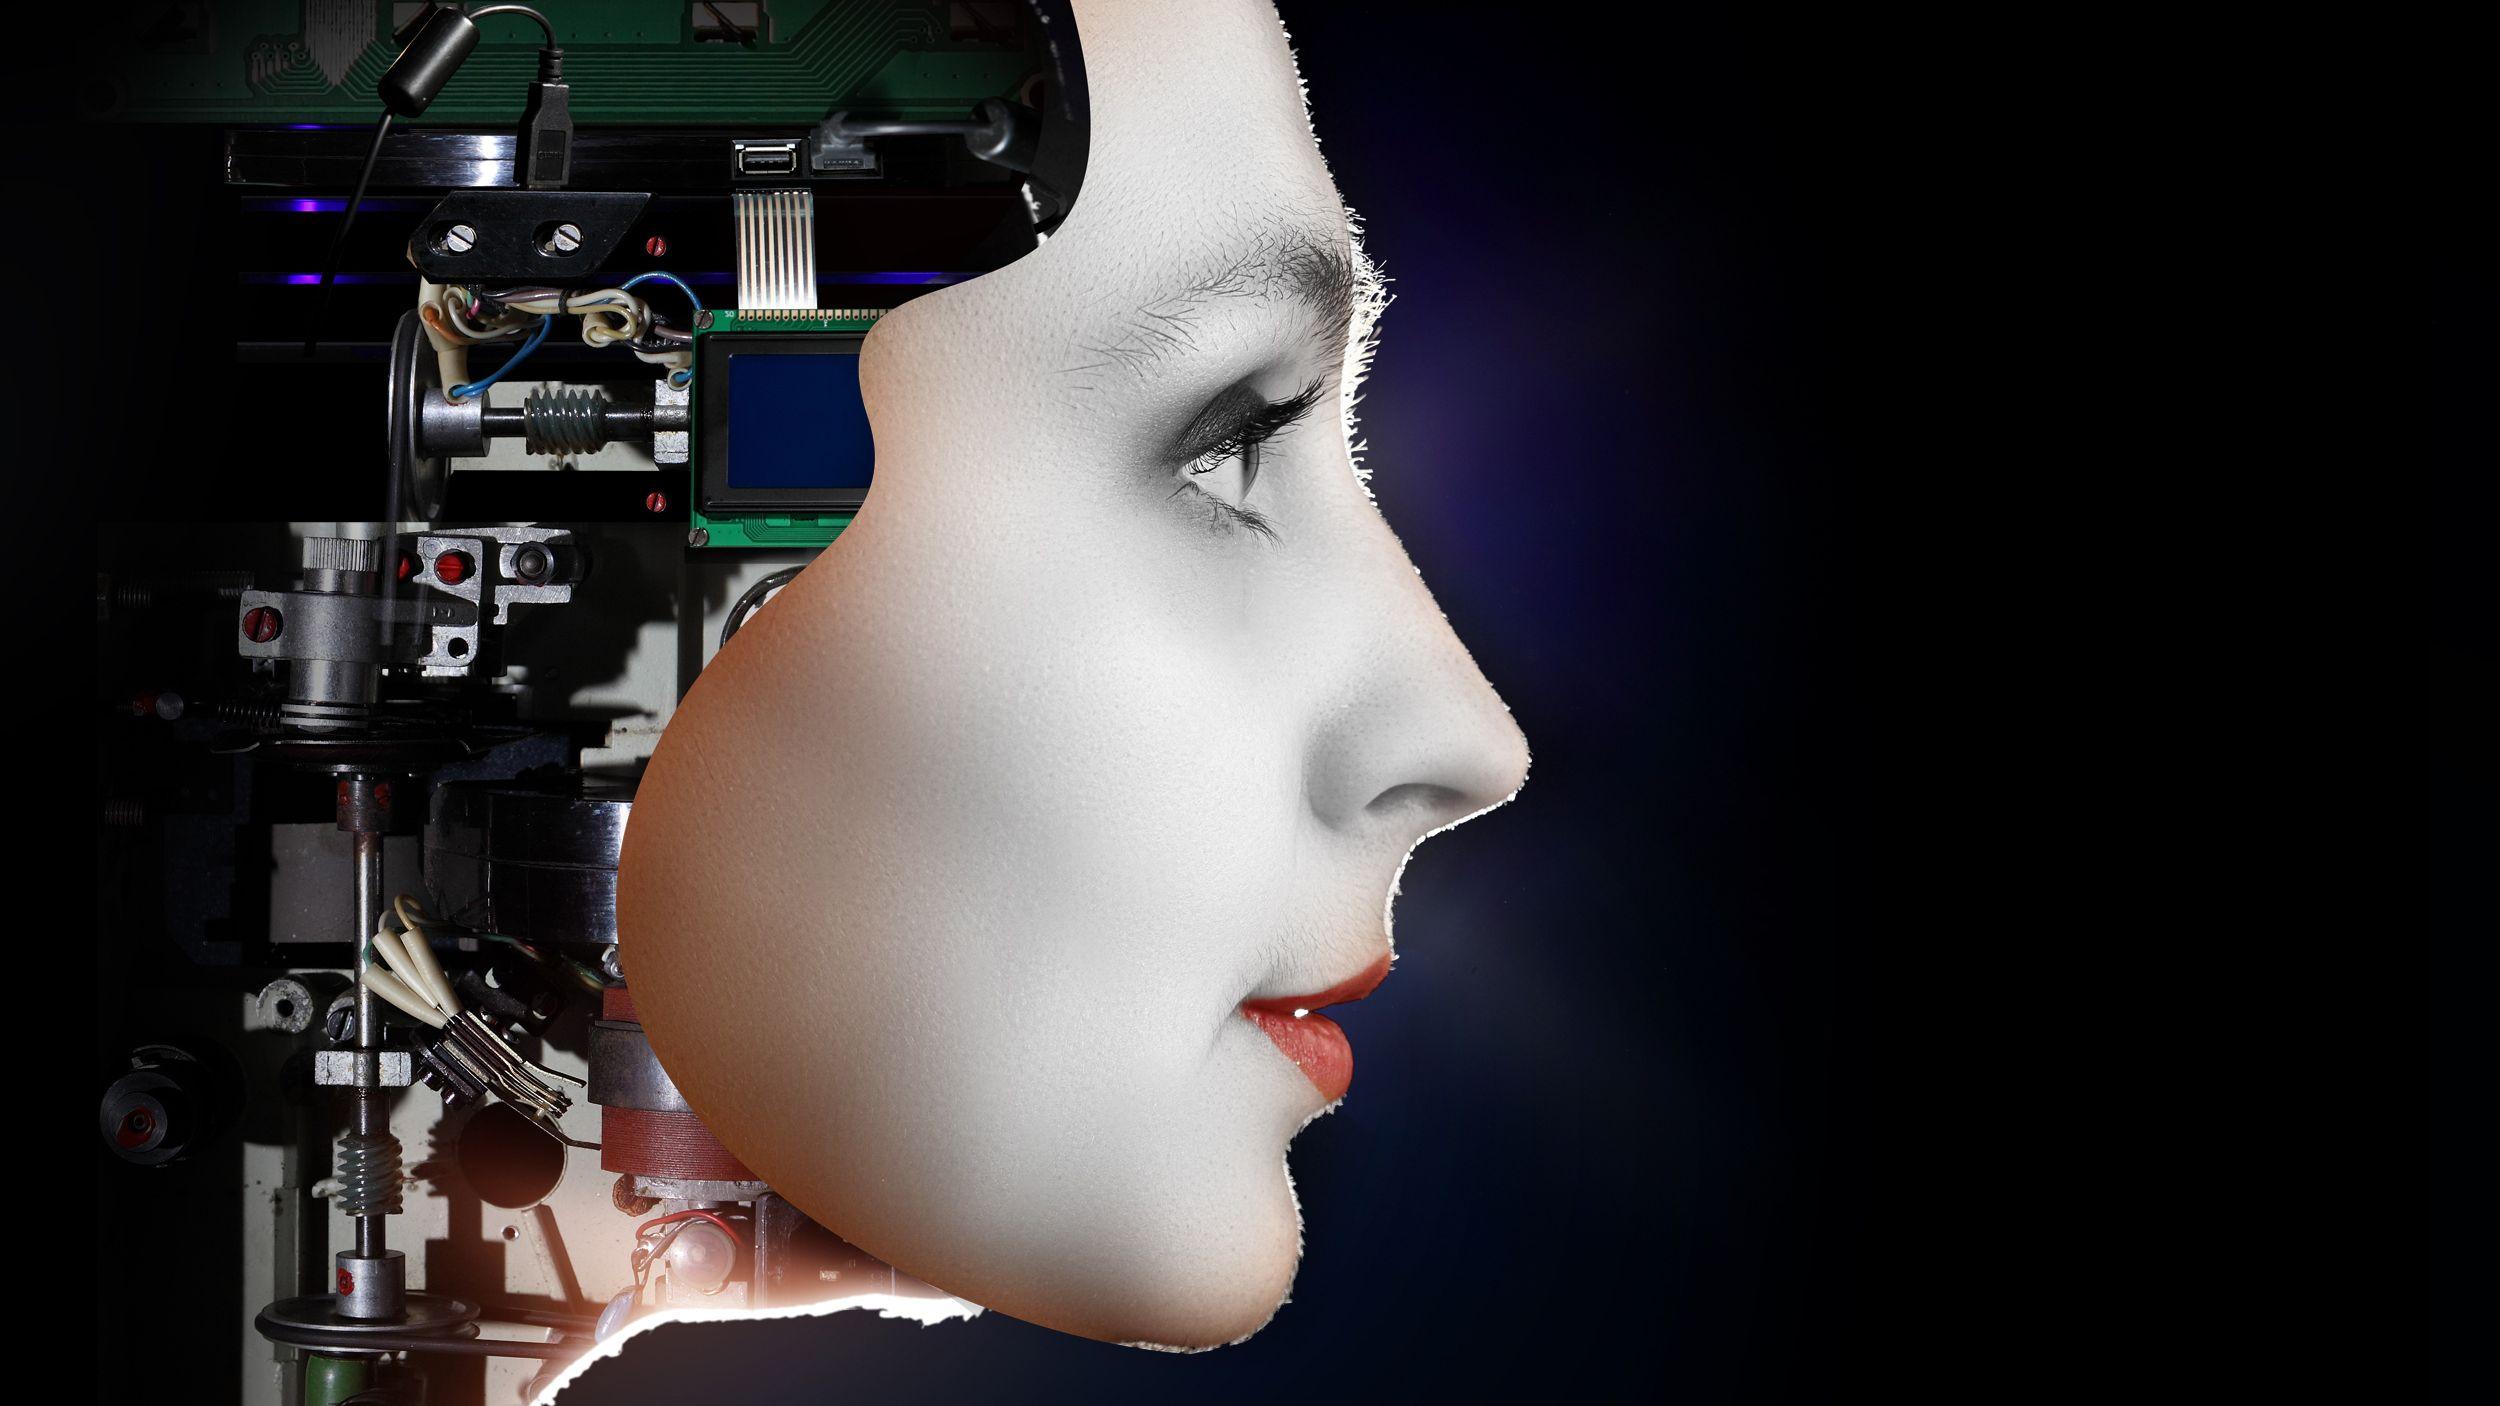 Anerkjente forskere slår seg sammen: Vil unngå farene med kunstig intelligens